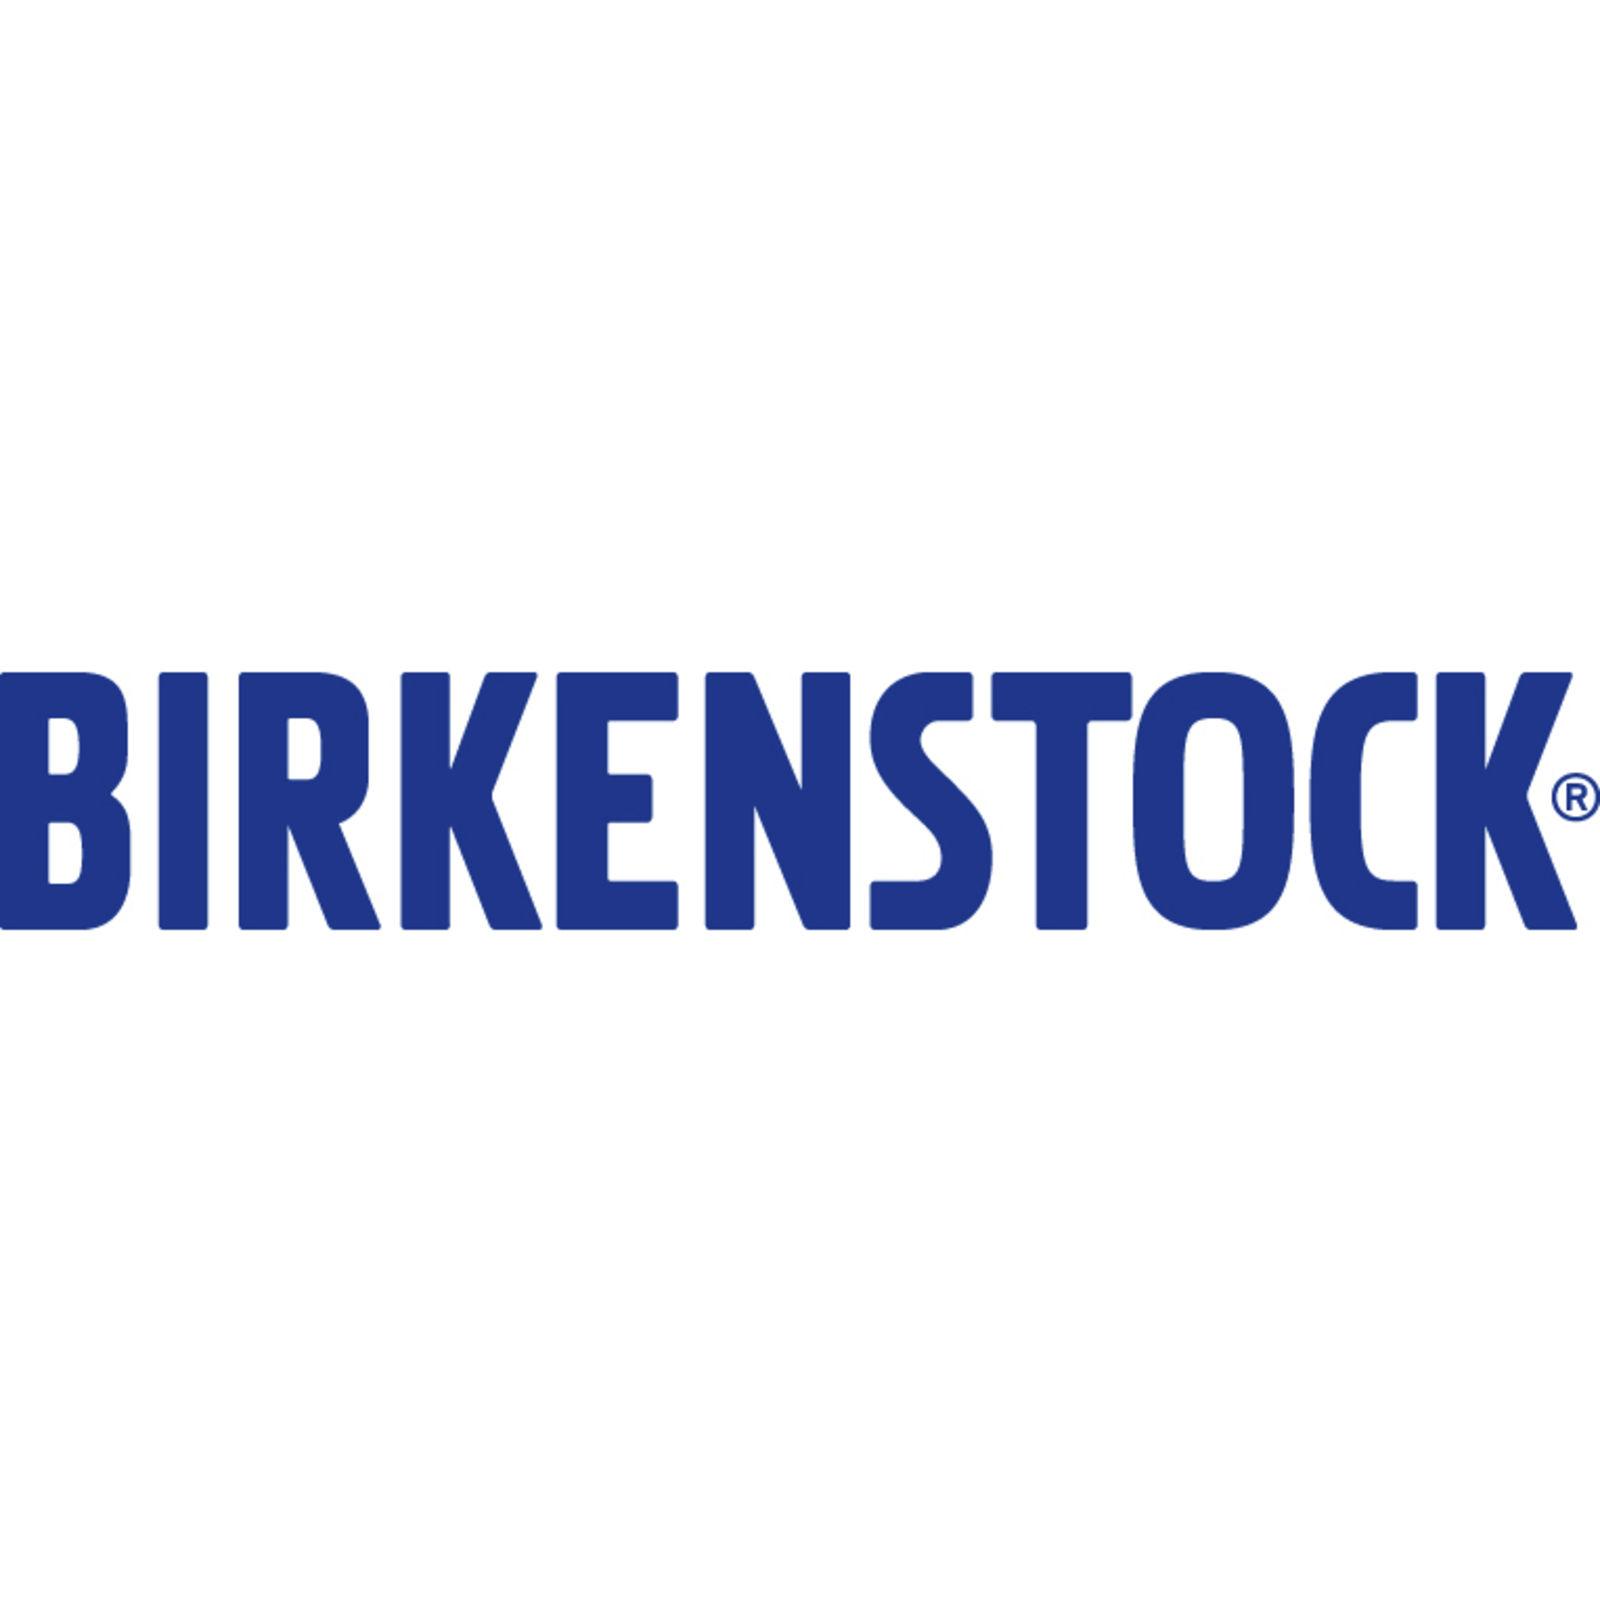 BIRKENSTOCK (Afbeelding 1)